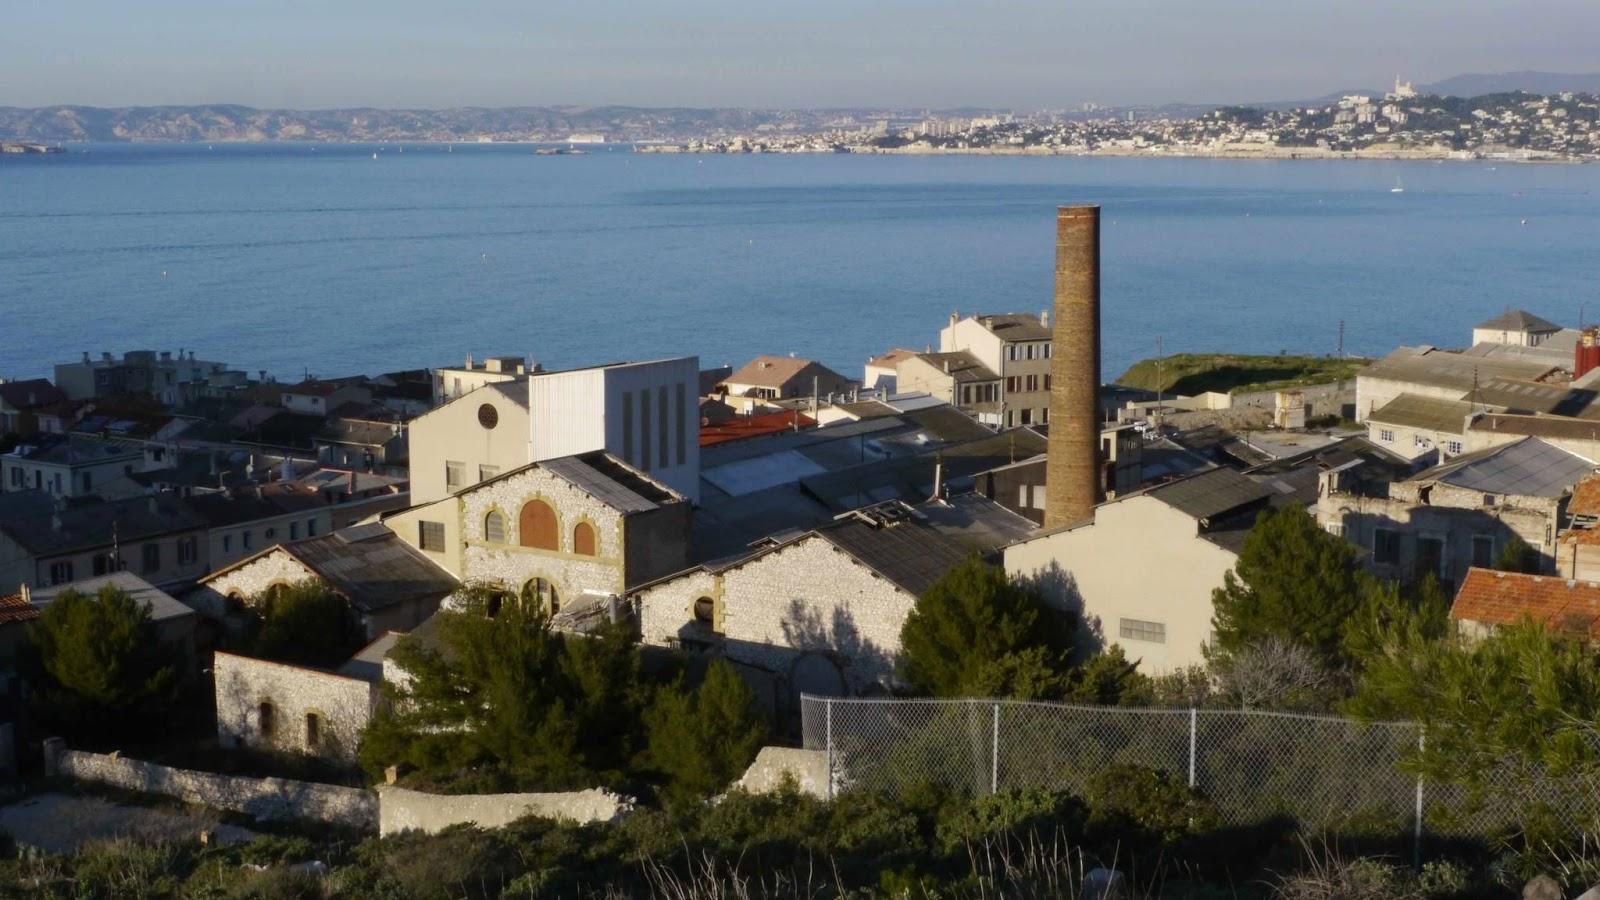 Vue de l'usine depuis la colline